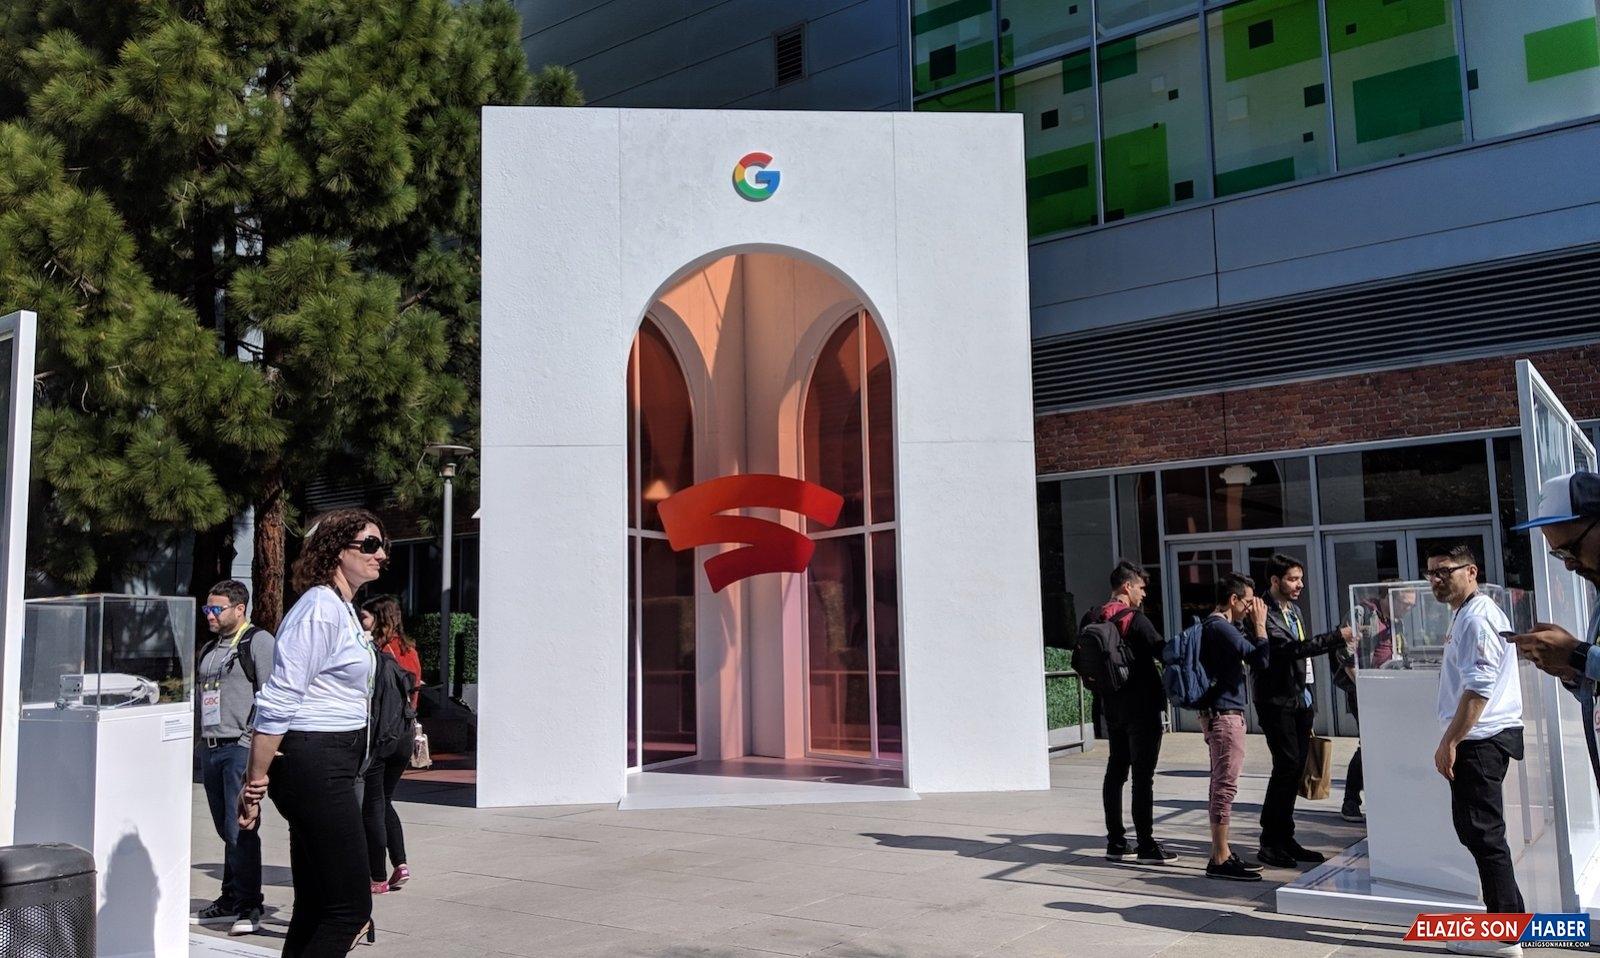 Google'ın Oyun Dünyasını Değiştirecek 'Stadia' İsimli Bulut Oyun Sistemi Resmen Tanıtıldı